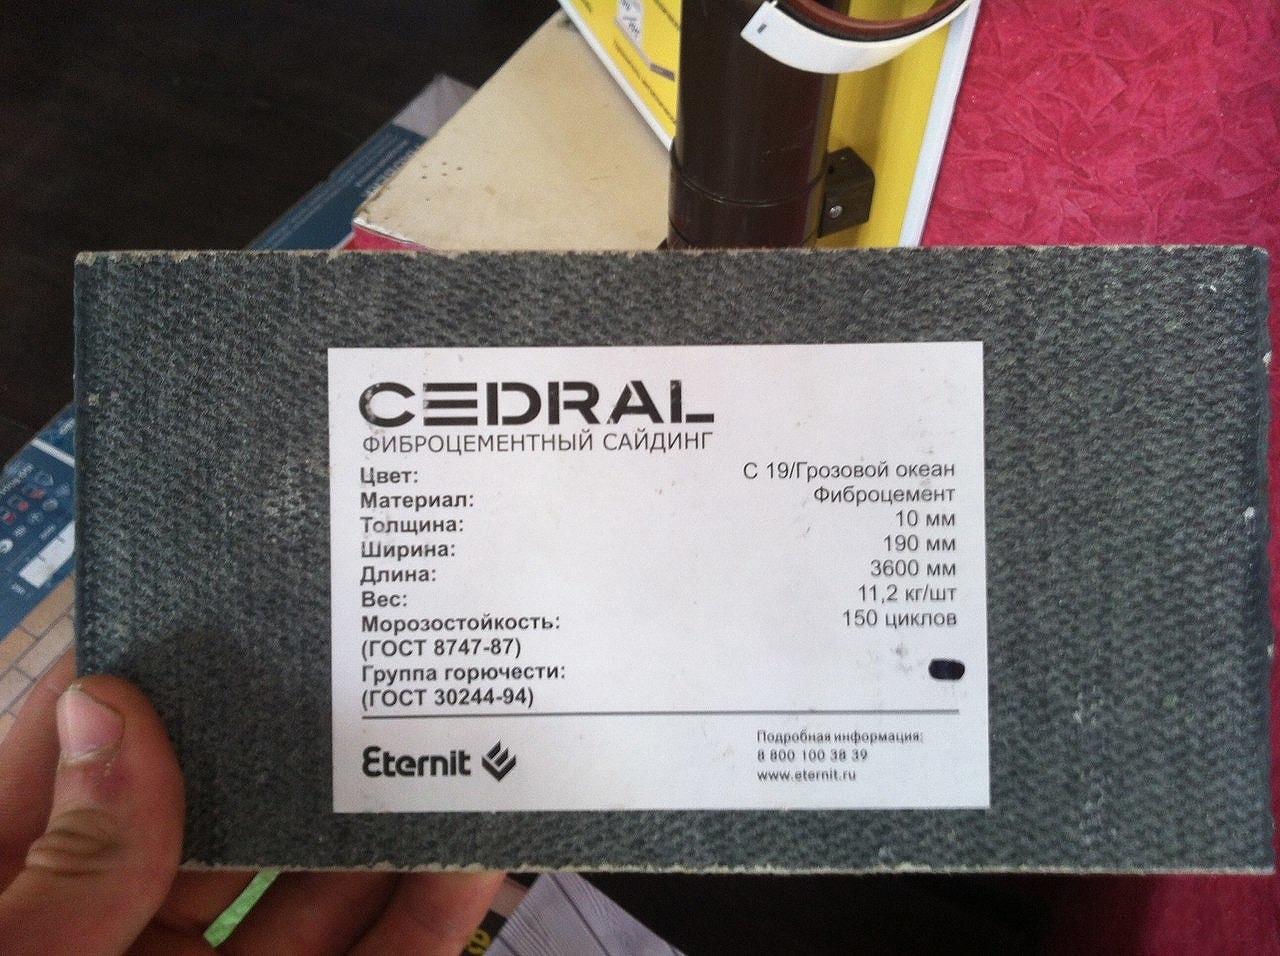 Фиброцементный сайдинг Cedral